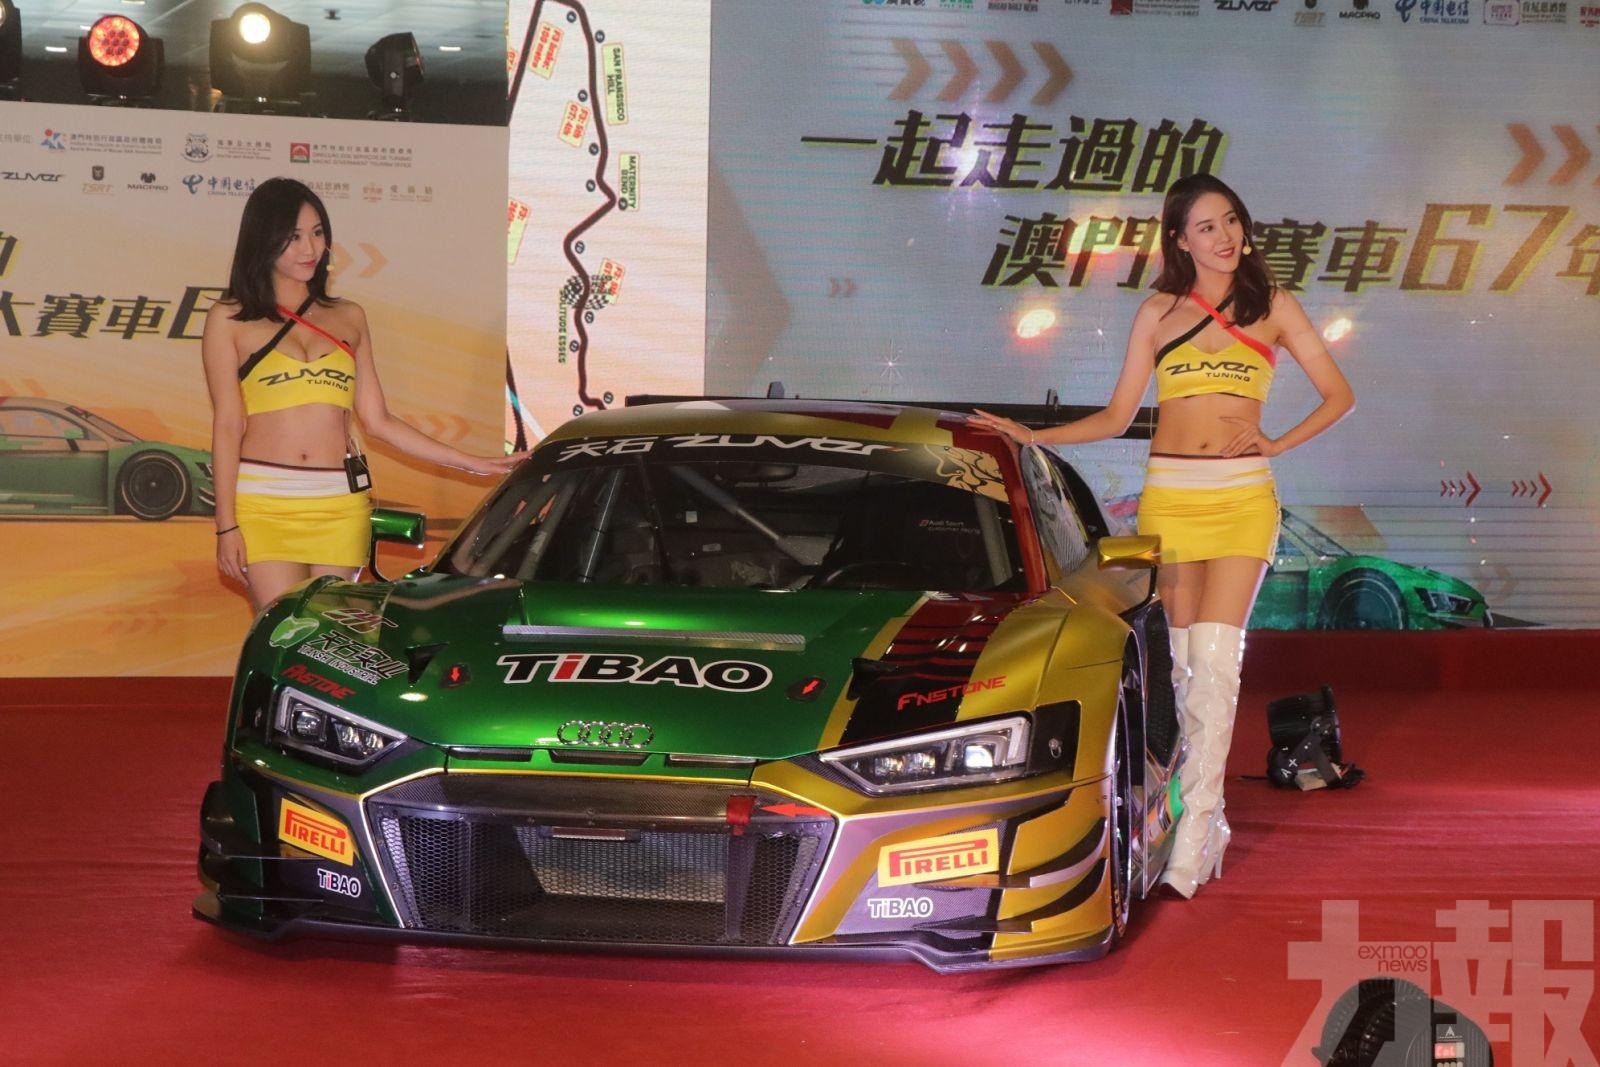 團體舉辦展覽為大賽車預熱